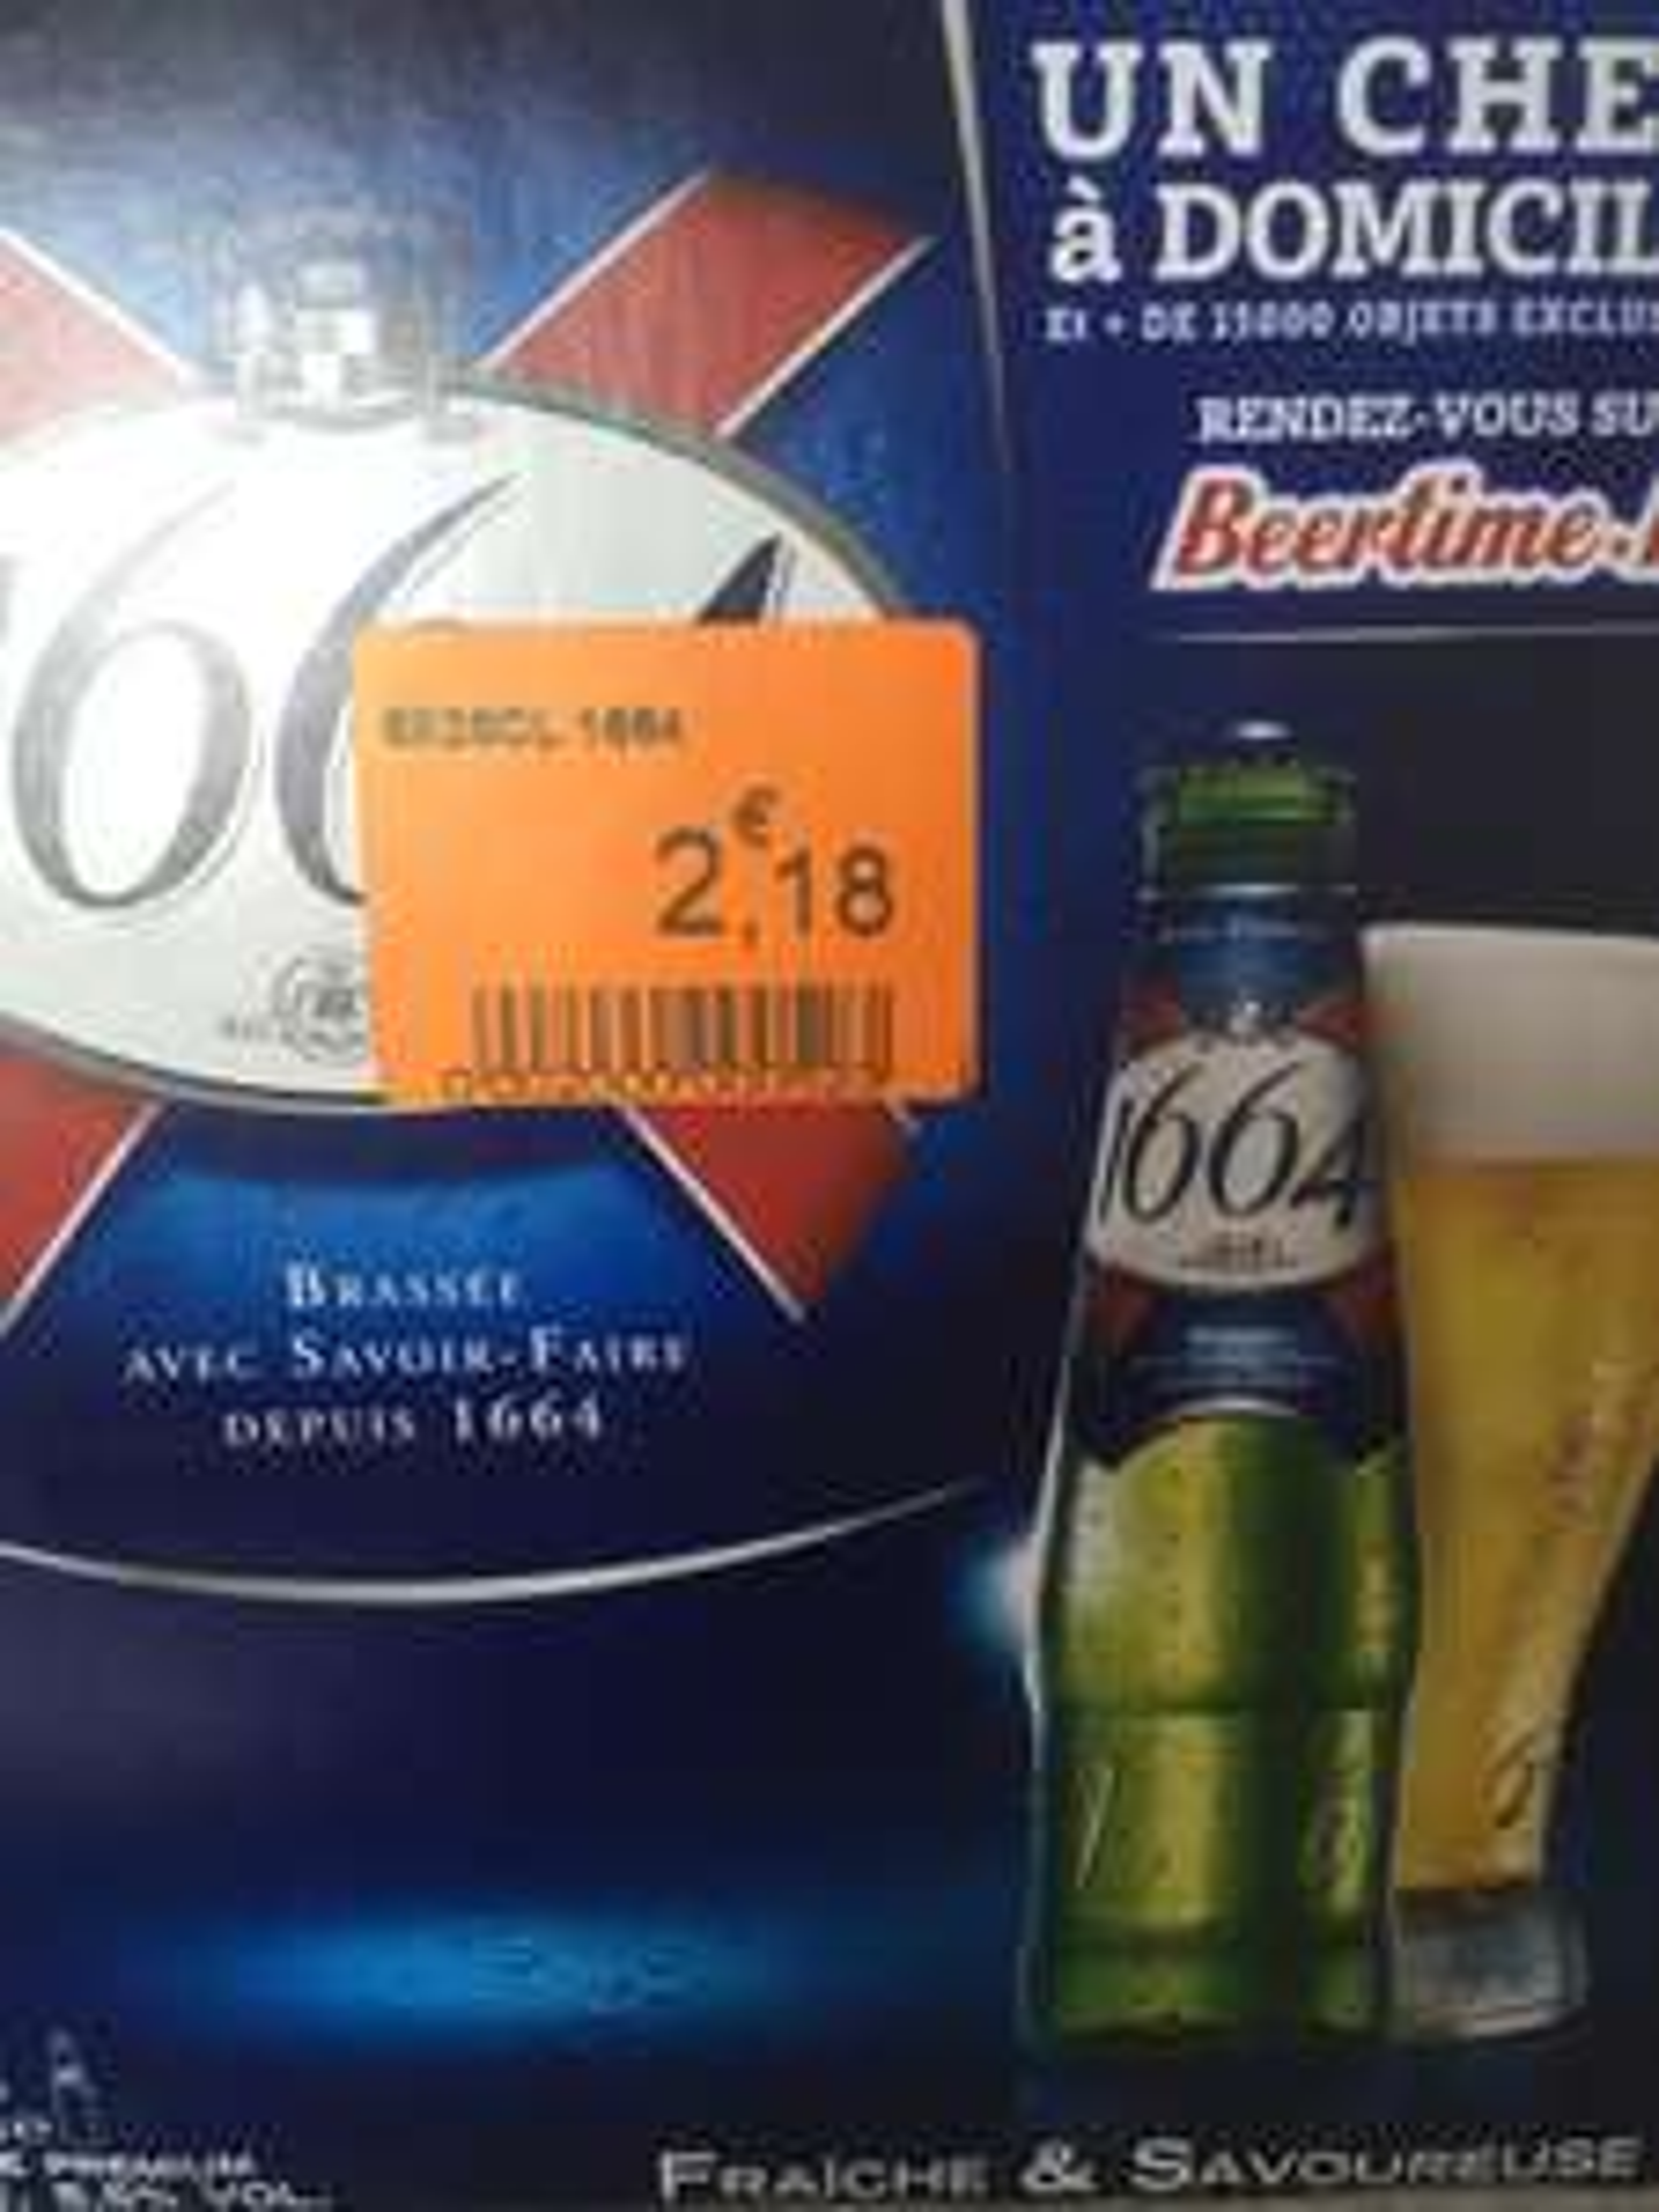 Pack de bières 1664 (6 x 25cl)